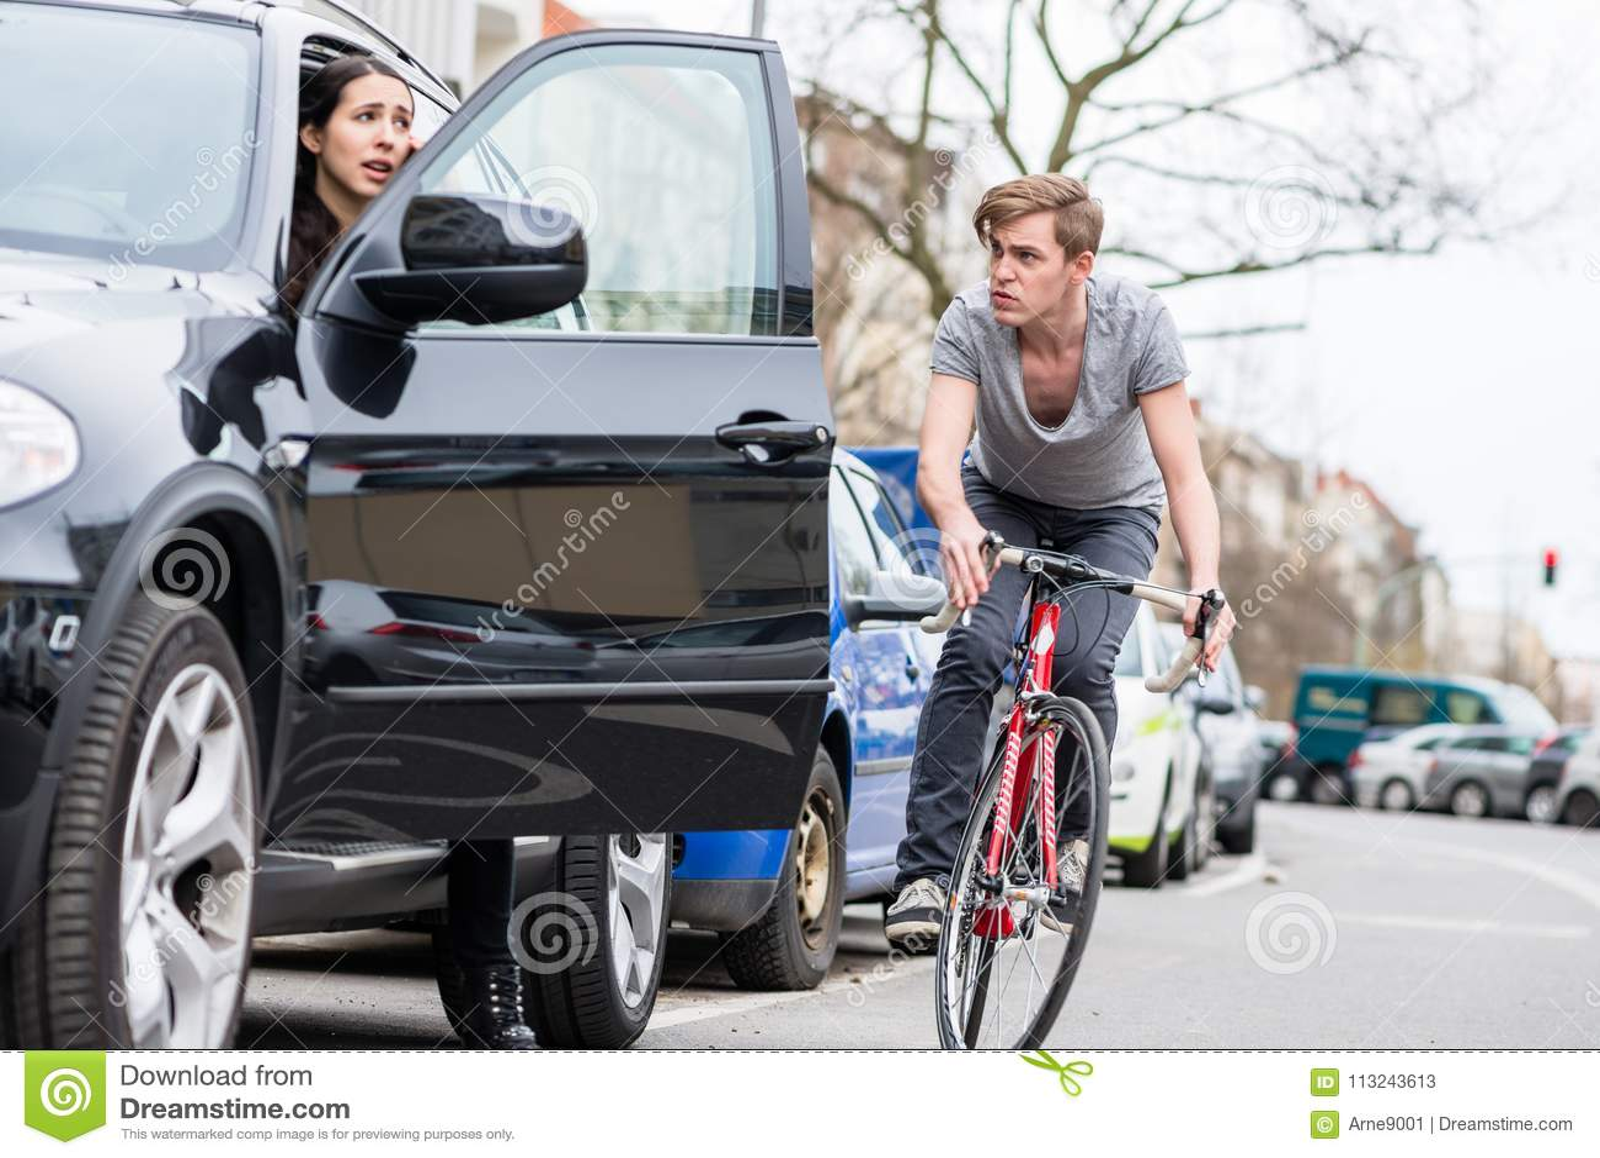 Jeune cycliste criant tout en faisant un écart pour éviter la collision dangereuse